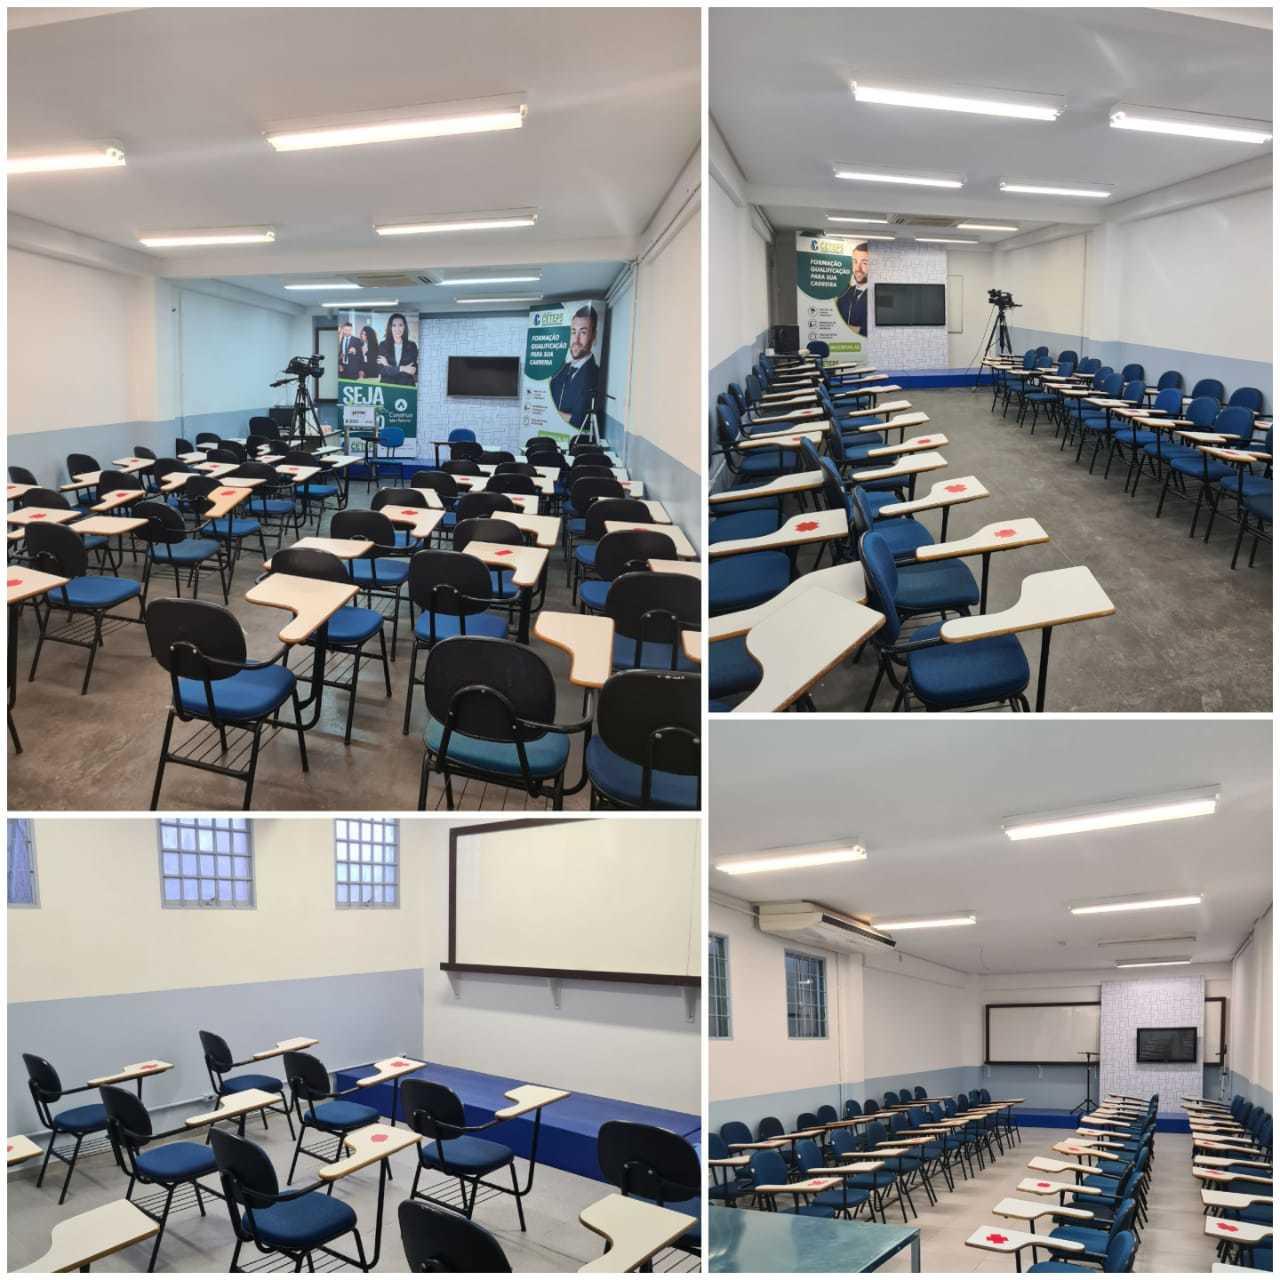 Faculdade Prime tem infraestrutura completa para receber alunos da graduação e pós-graduação.